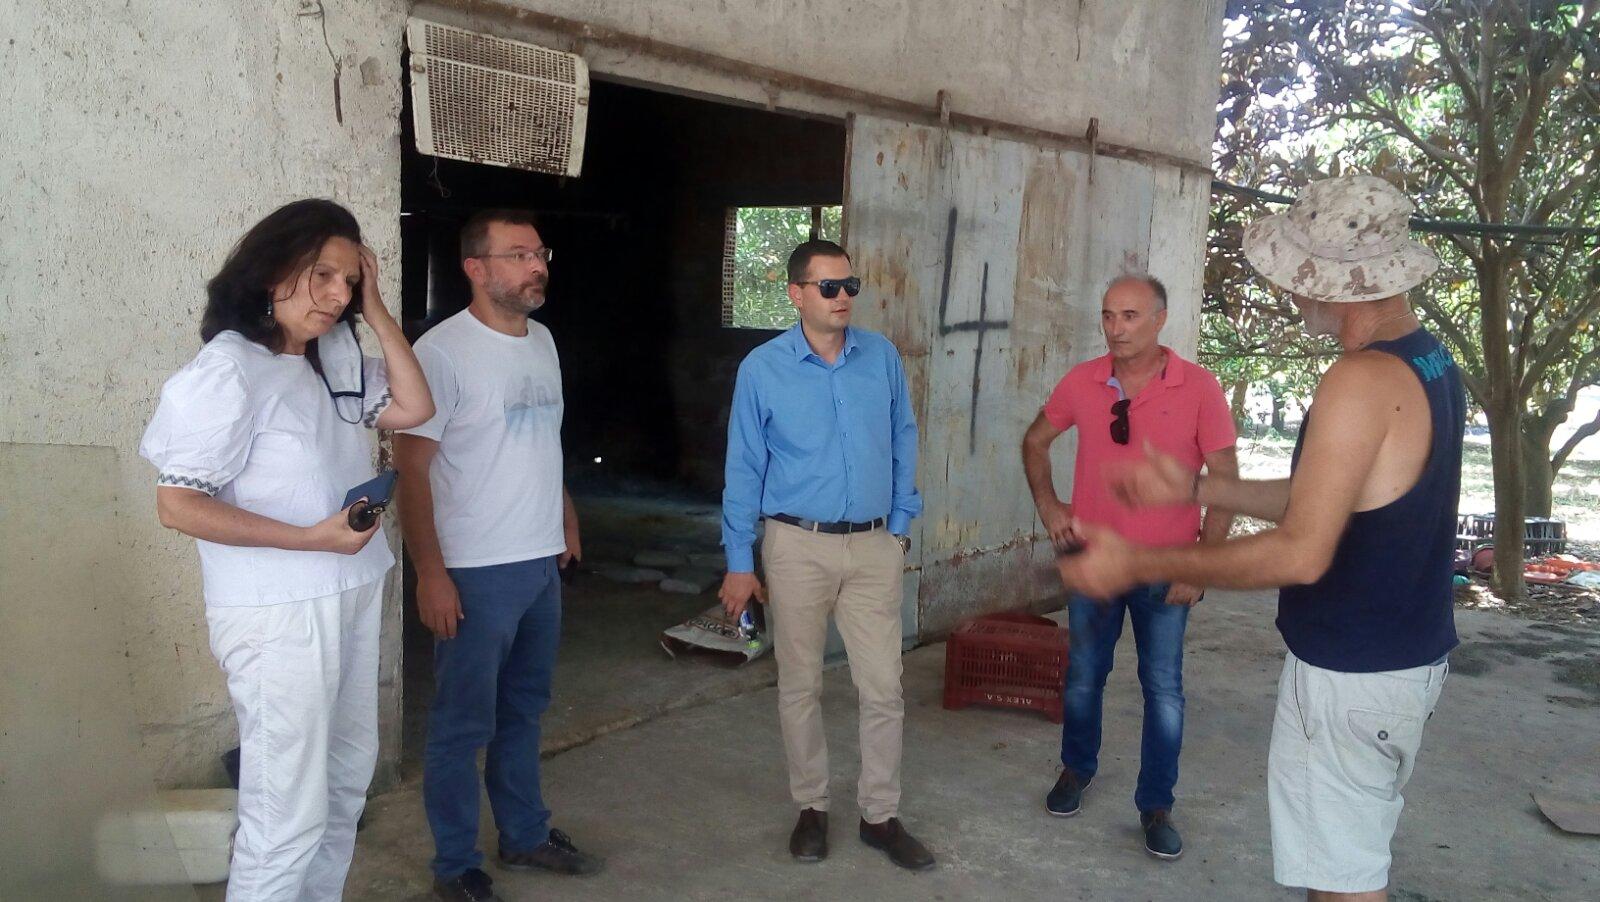 Θ. Βασιλόπουλος: Σε εφαρμογή το πρόγραμμα περισυλλογής νεκρών ζώων και στα πυρόπληκτα της Ηλείας- Ανακοίνωση και από τη ΔΑΟΚ Π.Ε Ηλείας για το θέμα